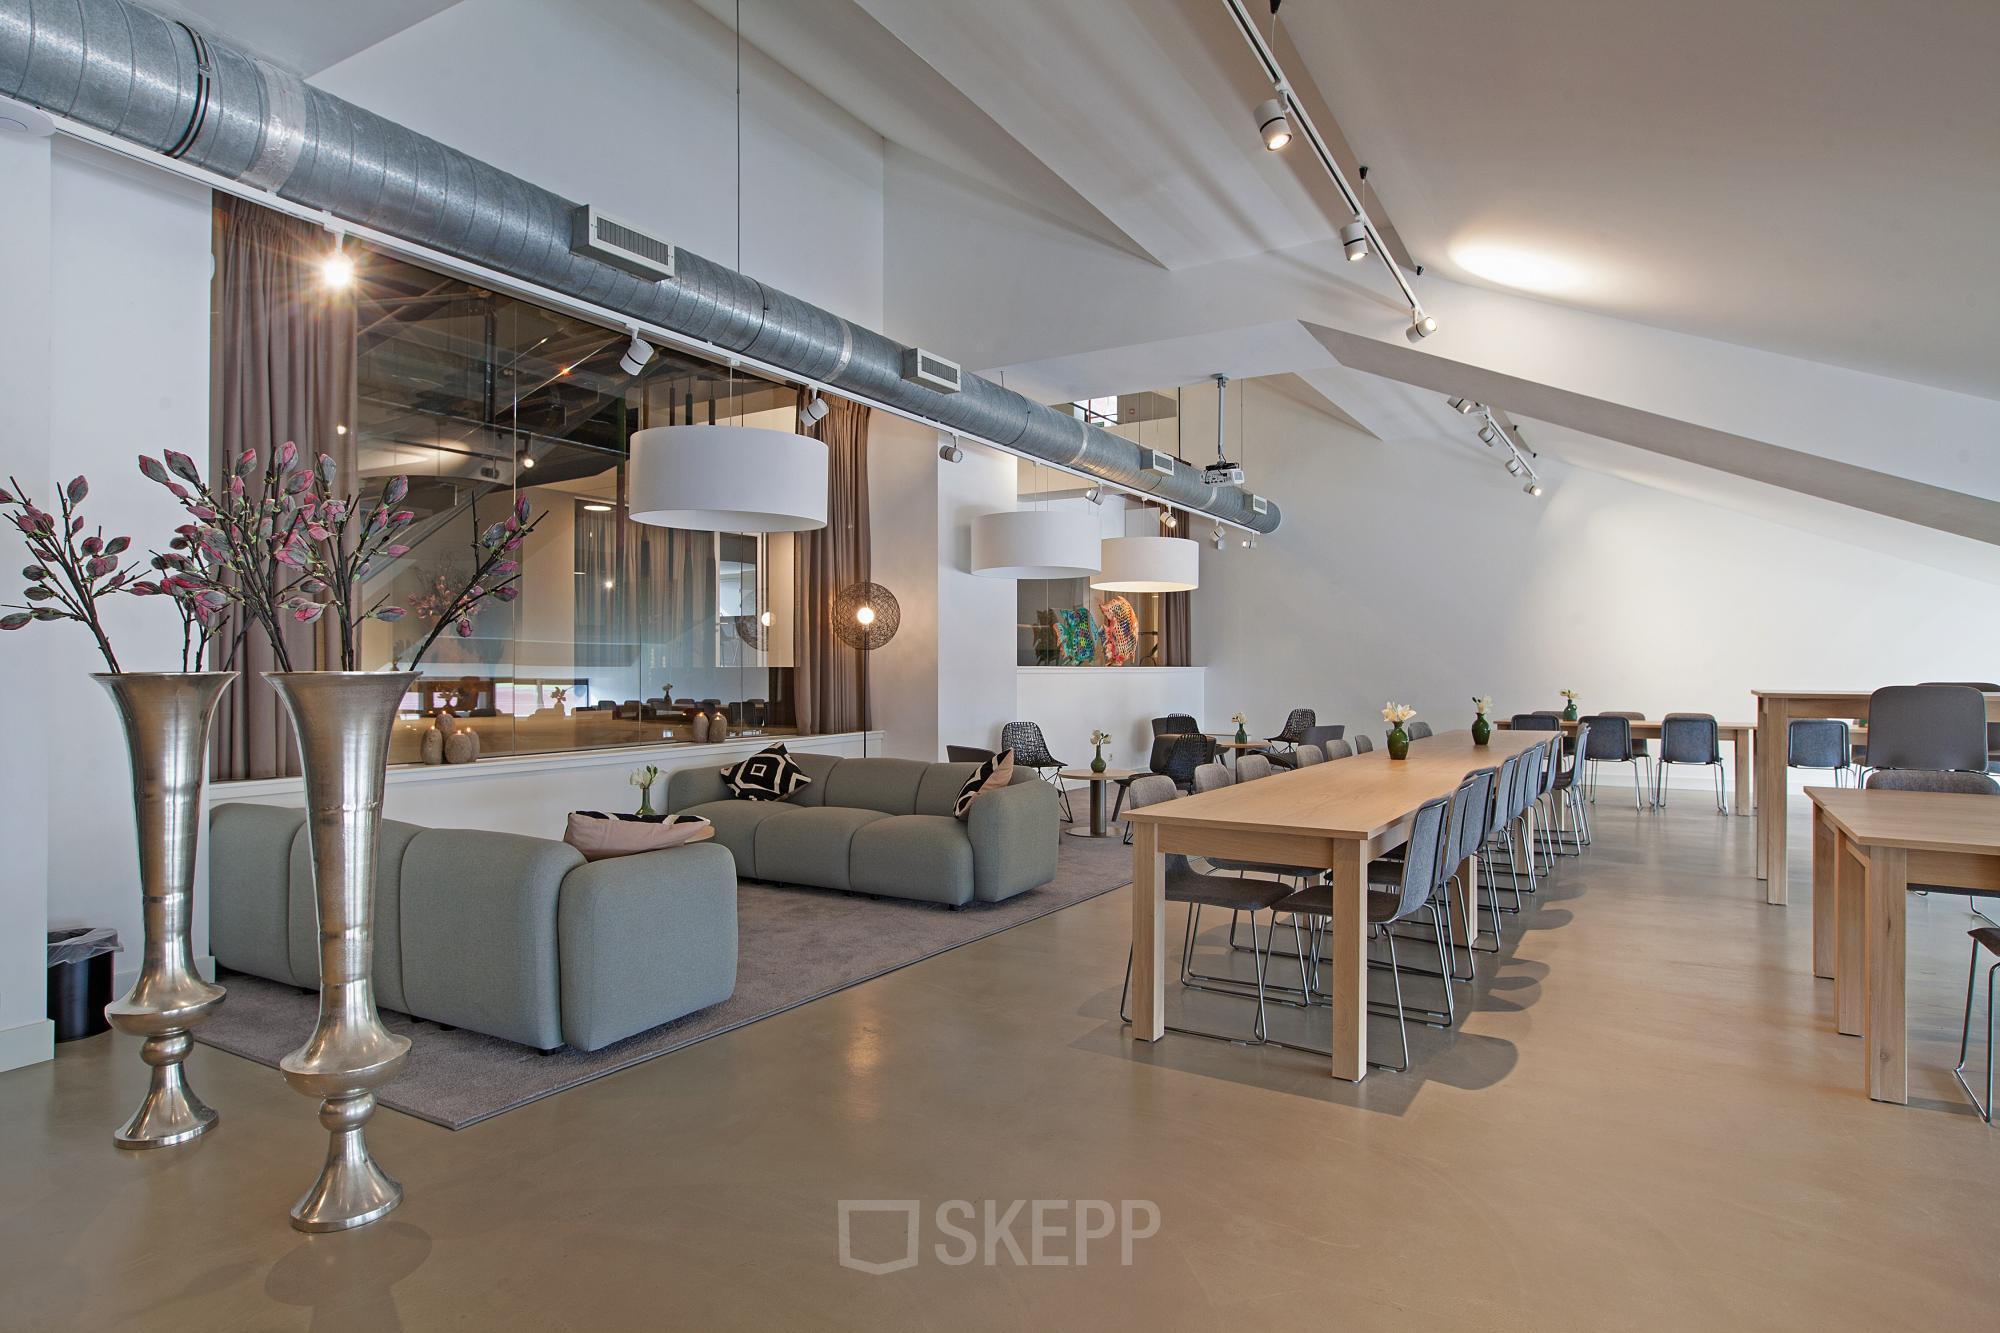 Kantoor Huren Amsterdam : Kantoorruimte huren aan olympisch stadion in amsterdam skepp